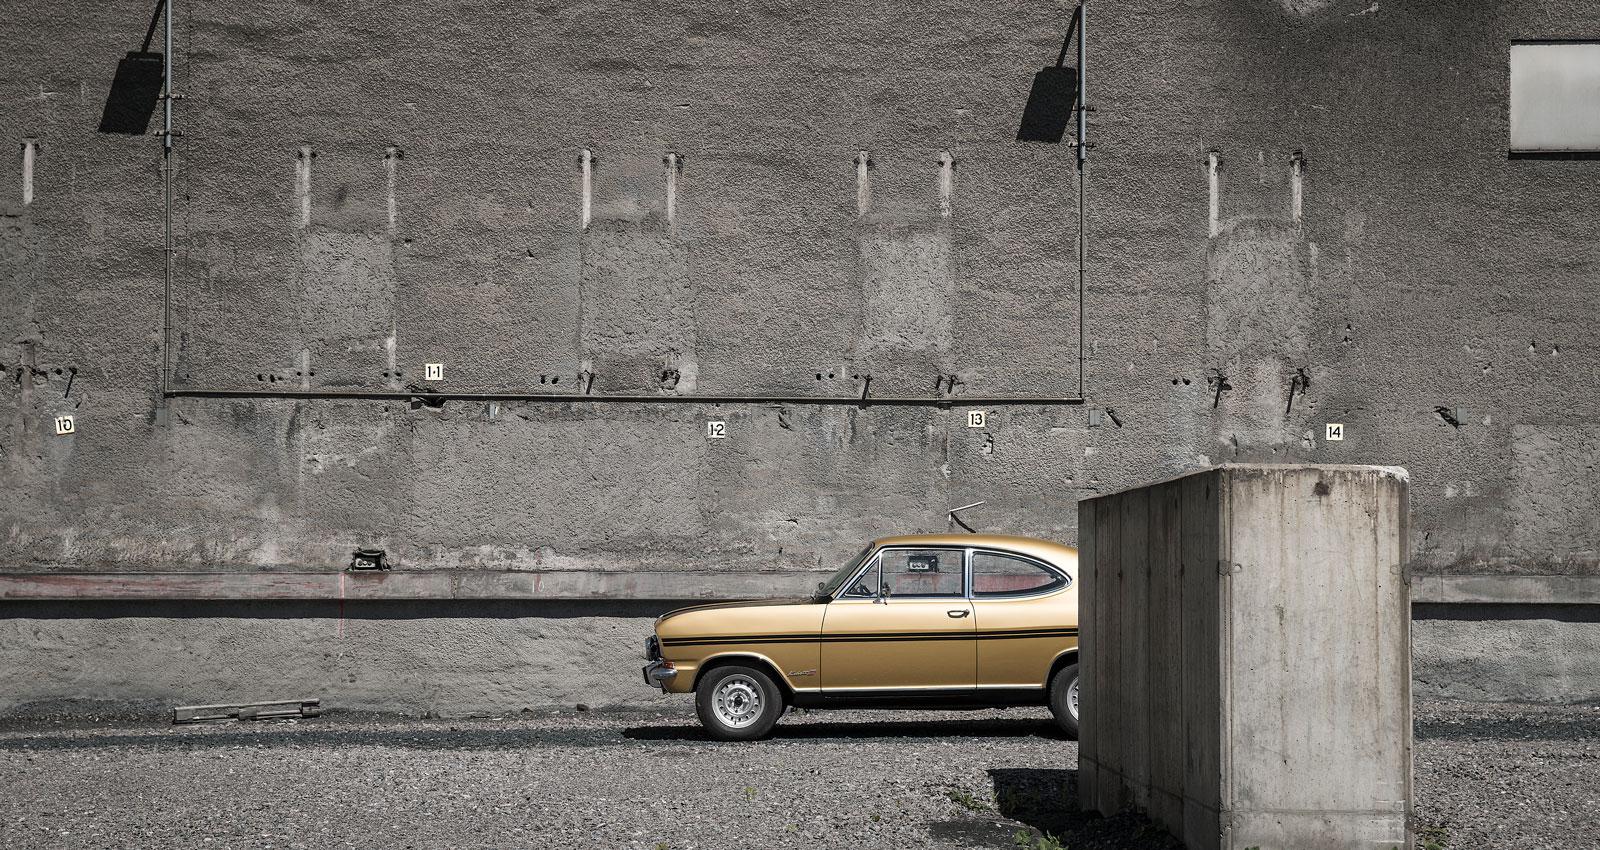 Opel Kadett Rallye 1970 i en ödslig övergiven gruva